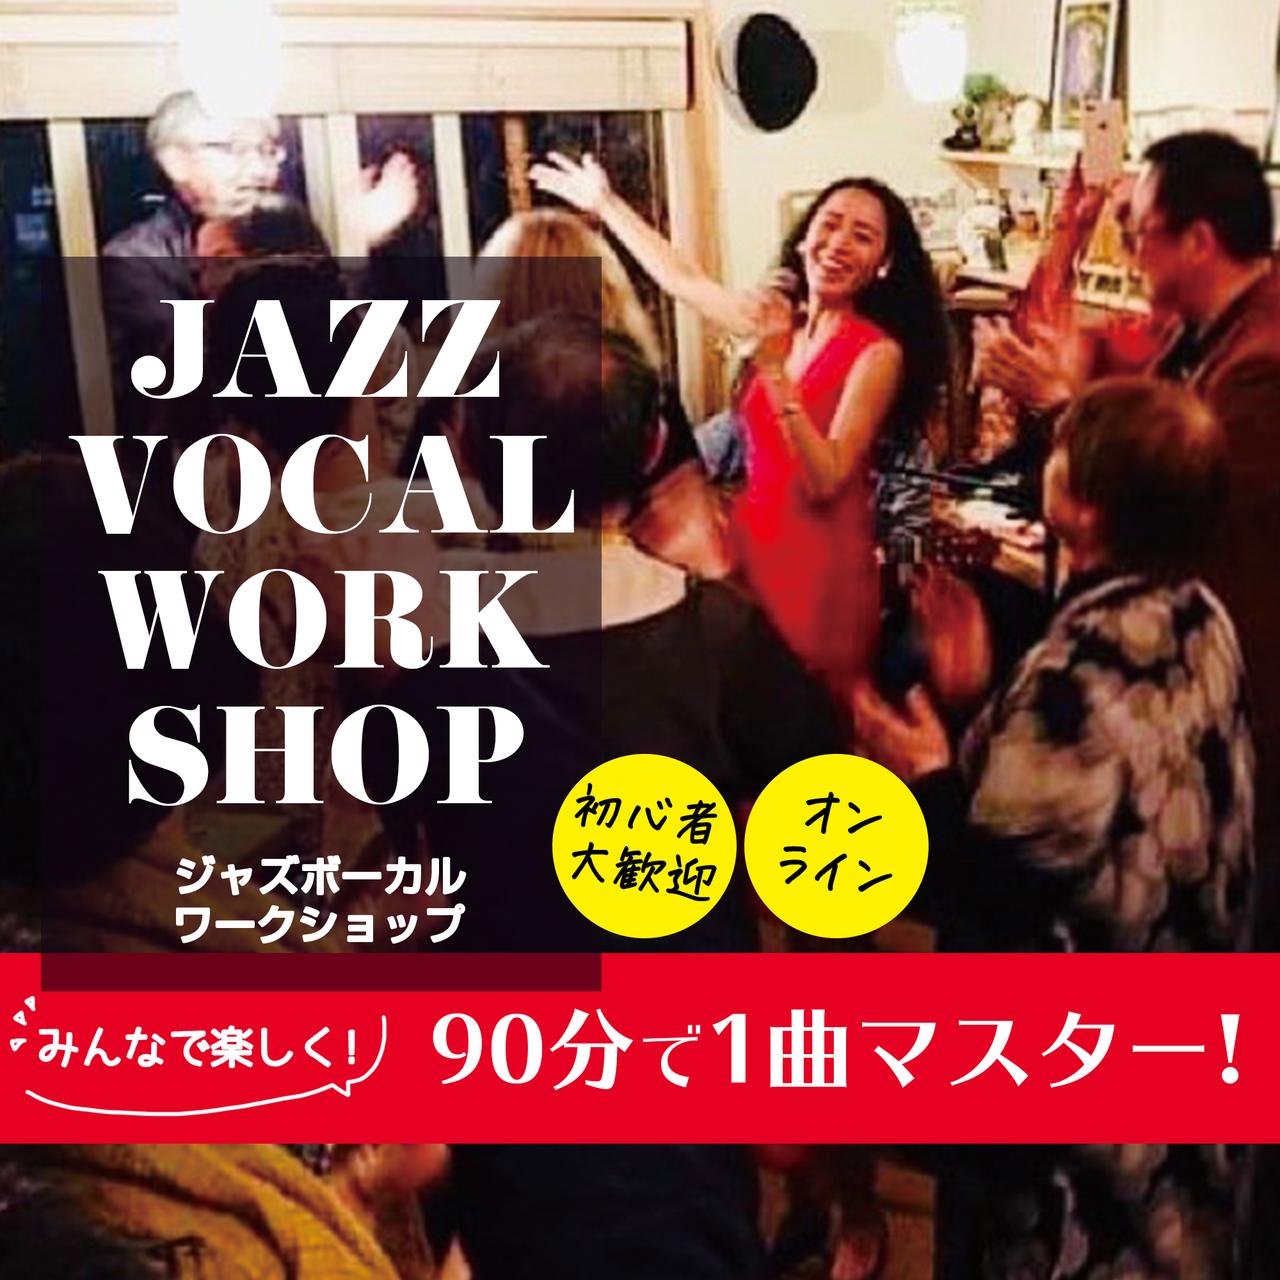 【オンライン】90分で1曲マスター♪ ジャズボーカルワークショップ